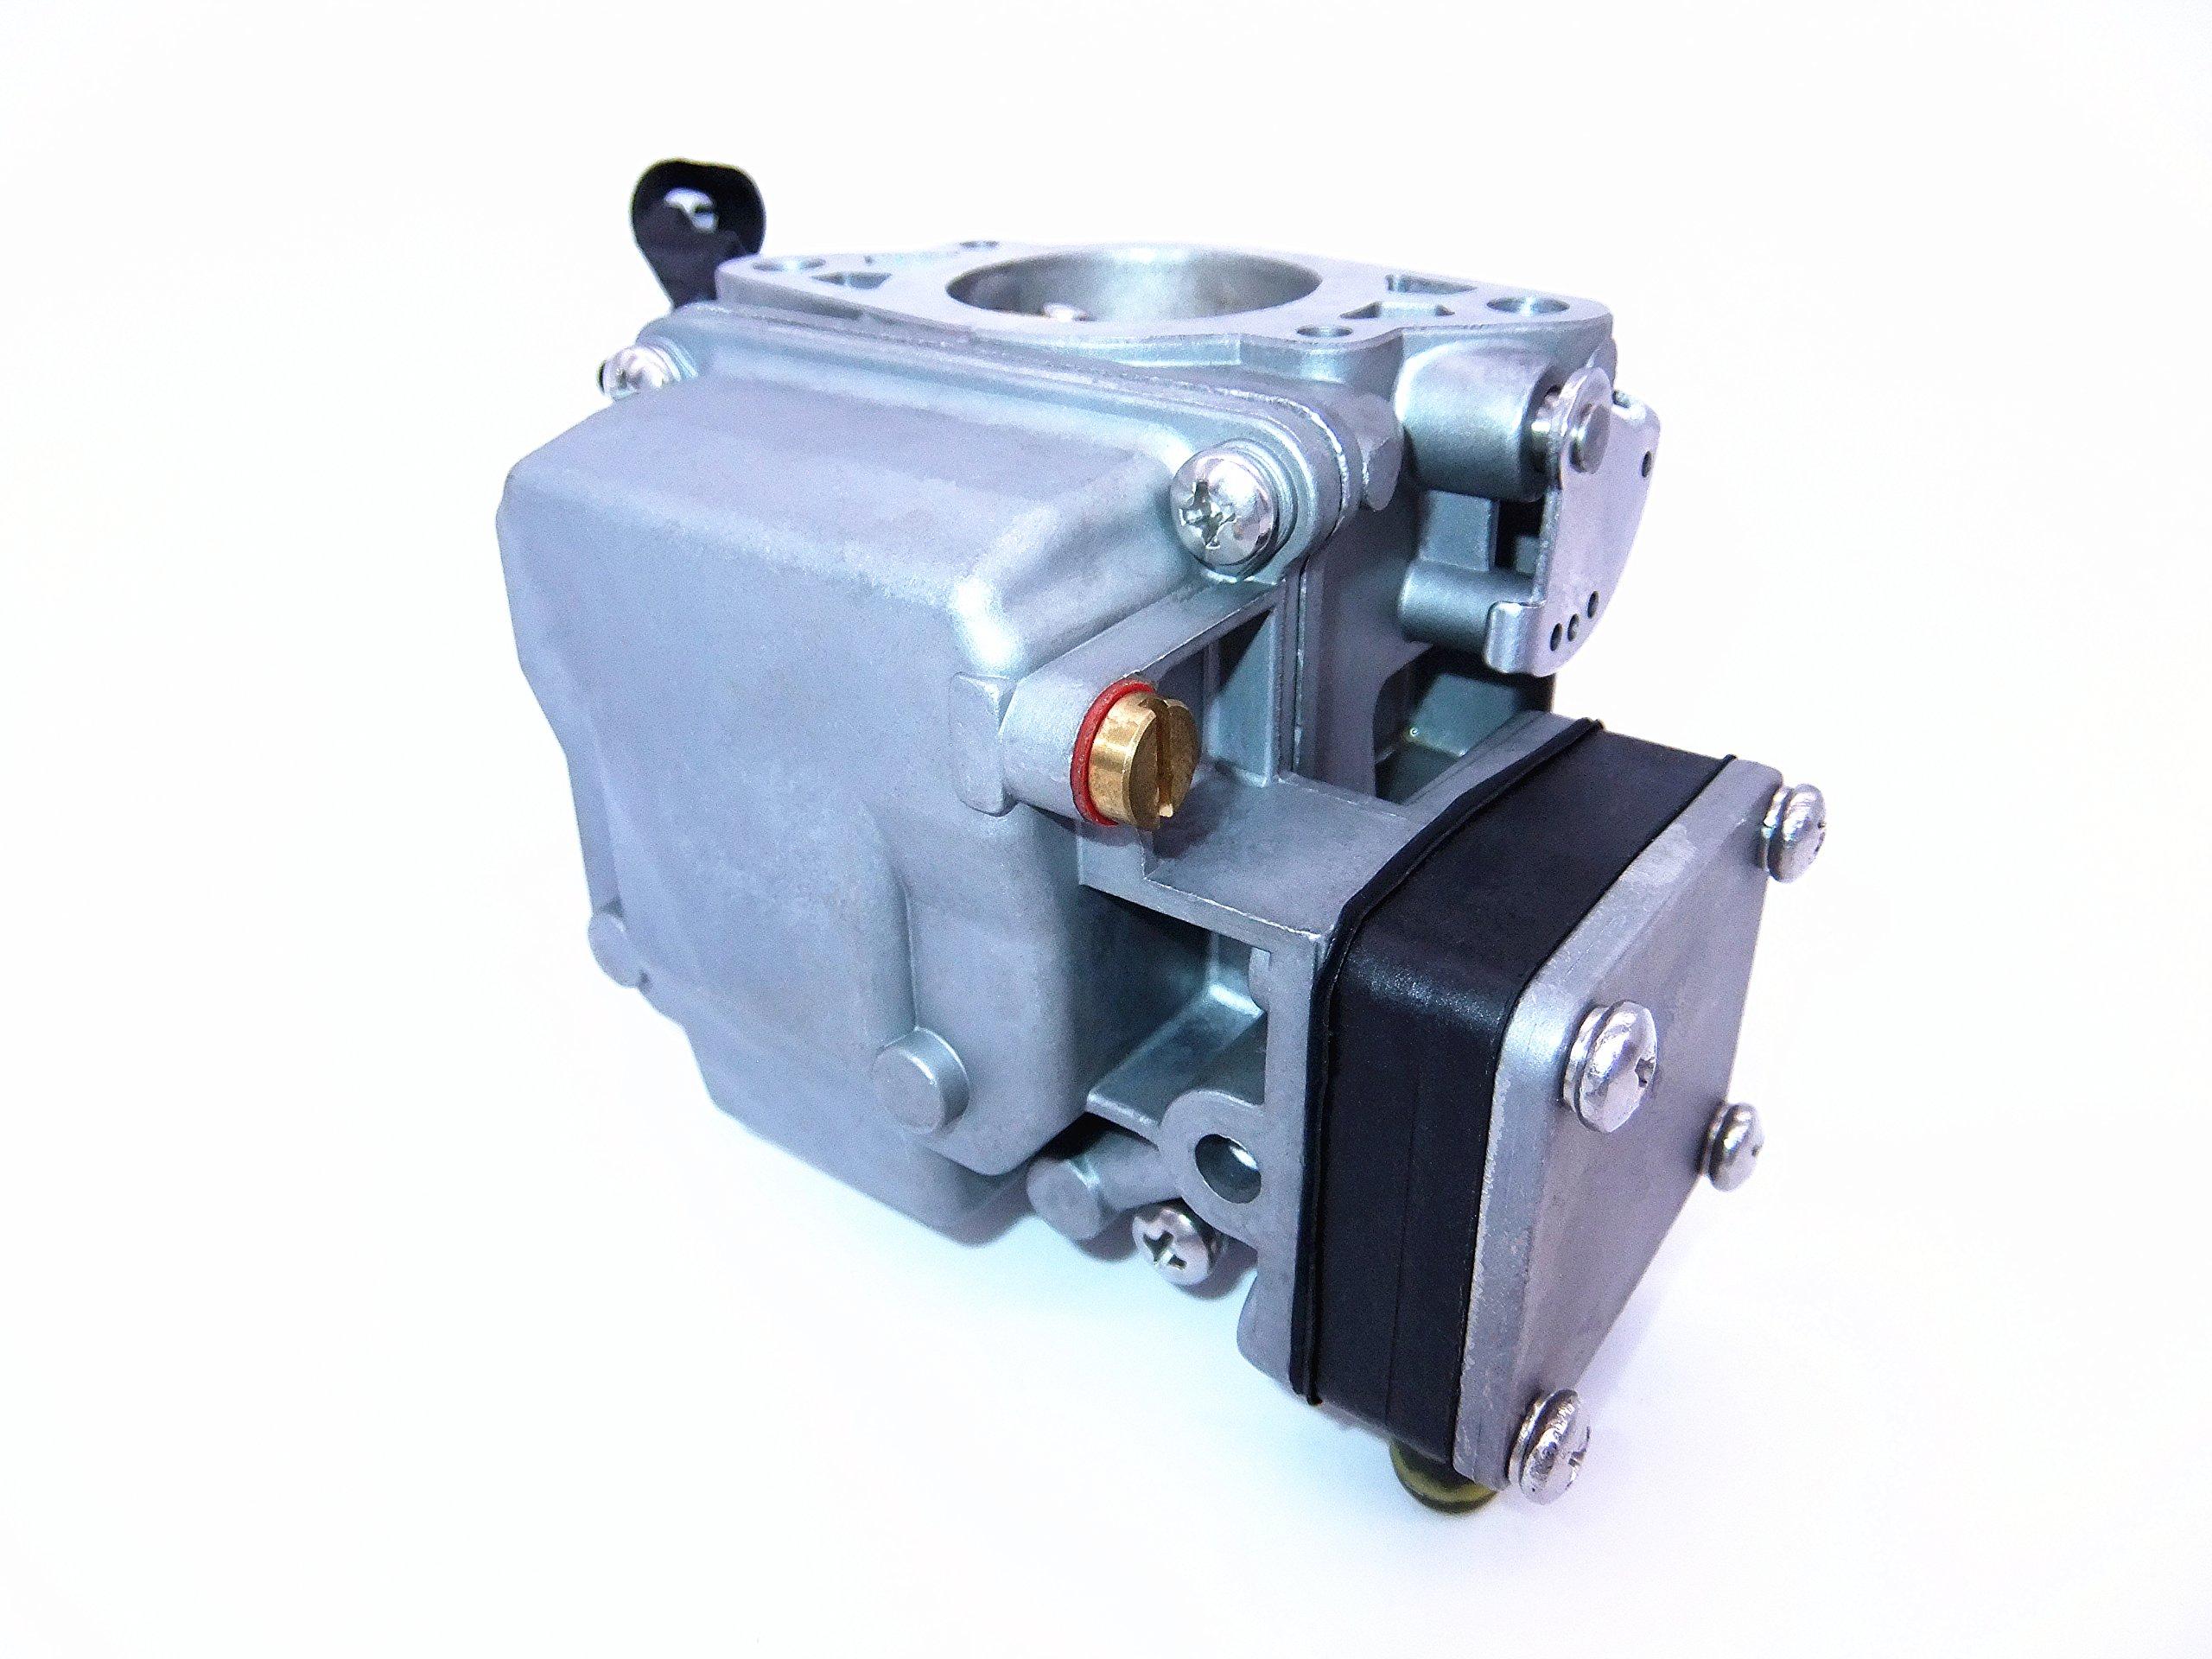 63V-W0093-00-00 Carburetor Repair Kit for YAMAHA Outboard Motor 9.9HP 15HP Hidea